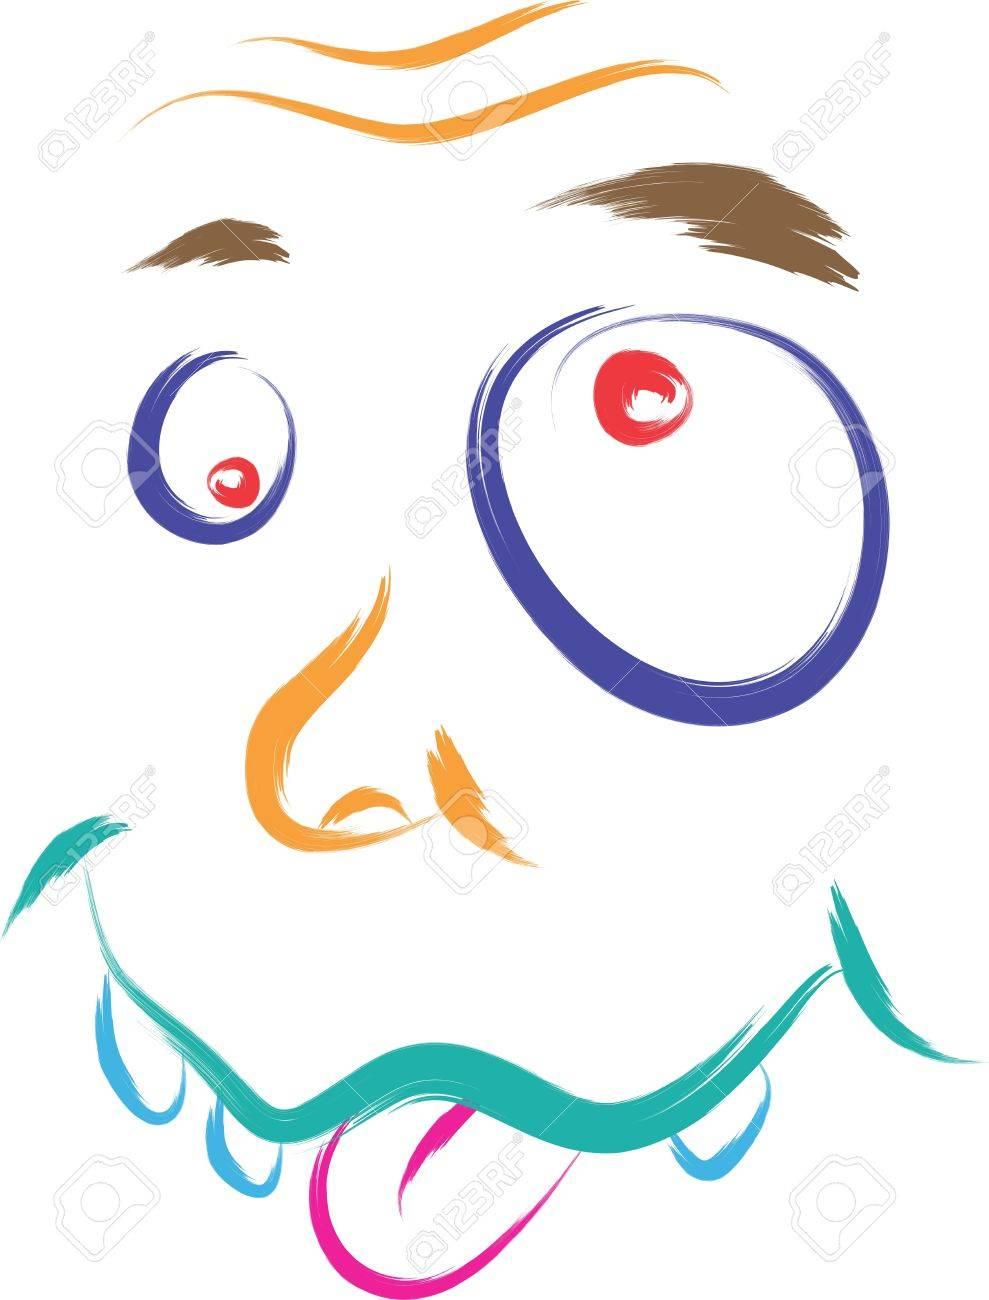 dumb face cartoon illustration Stock Vector - 16850444